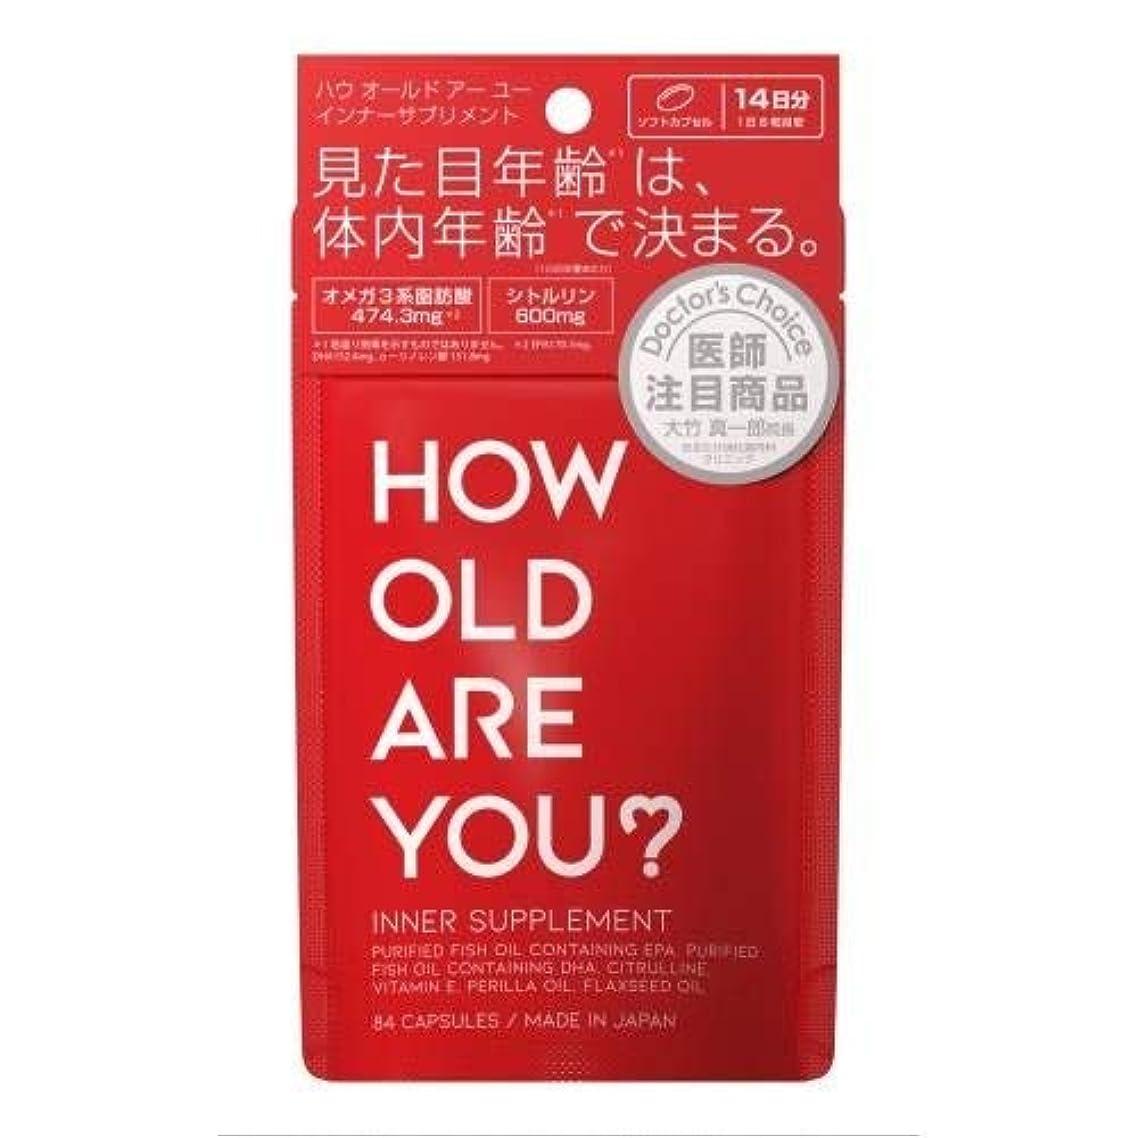 福祉幸運なことにチャールズキージング【6個セット】HOW OLD ARE YOU?インナーサプリメント 84粒